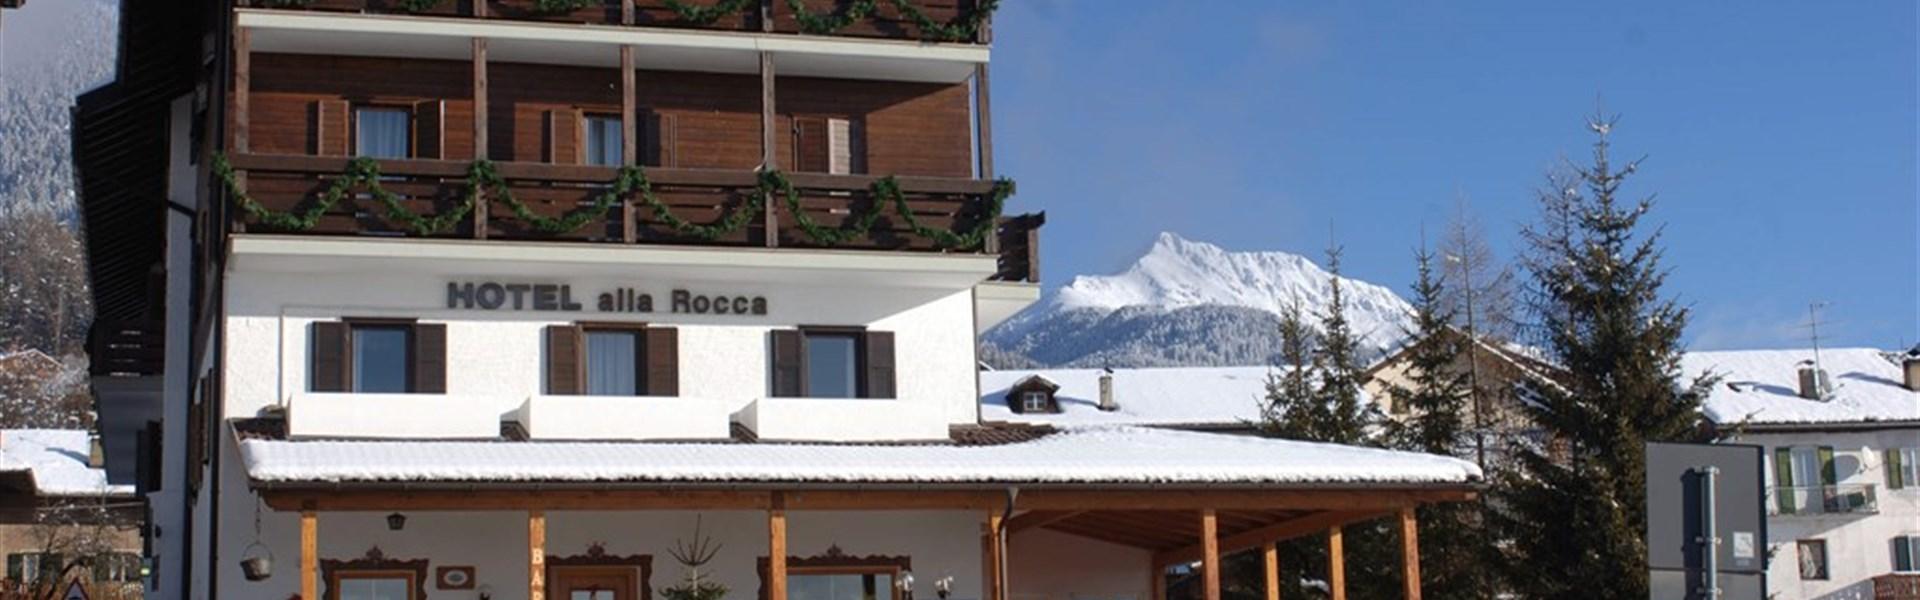 Hotel Alla Rocca -